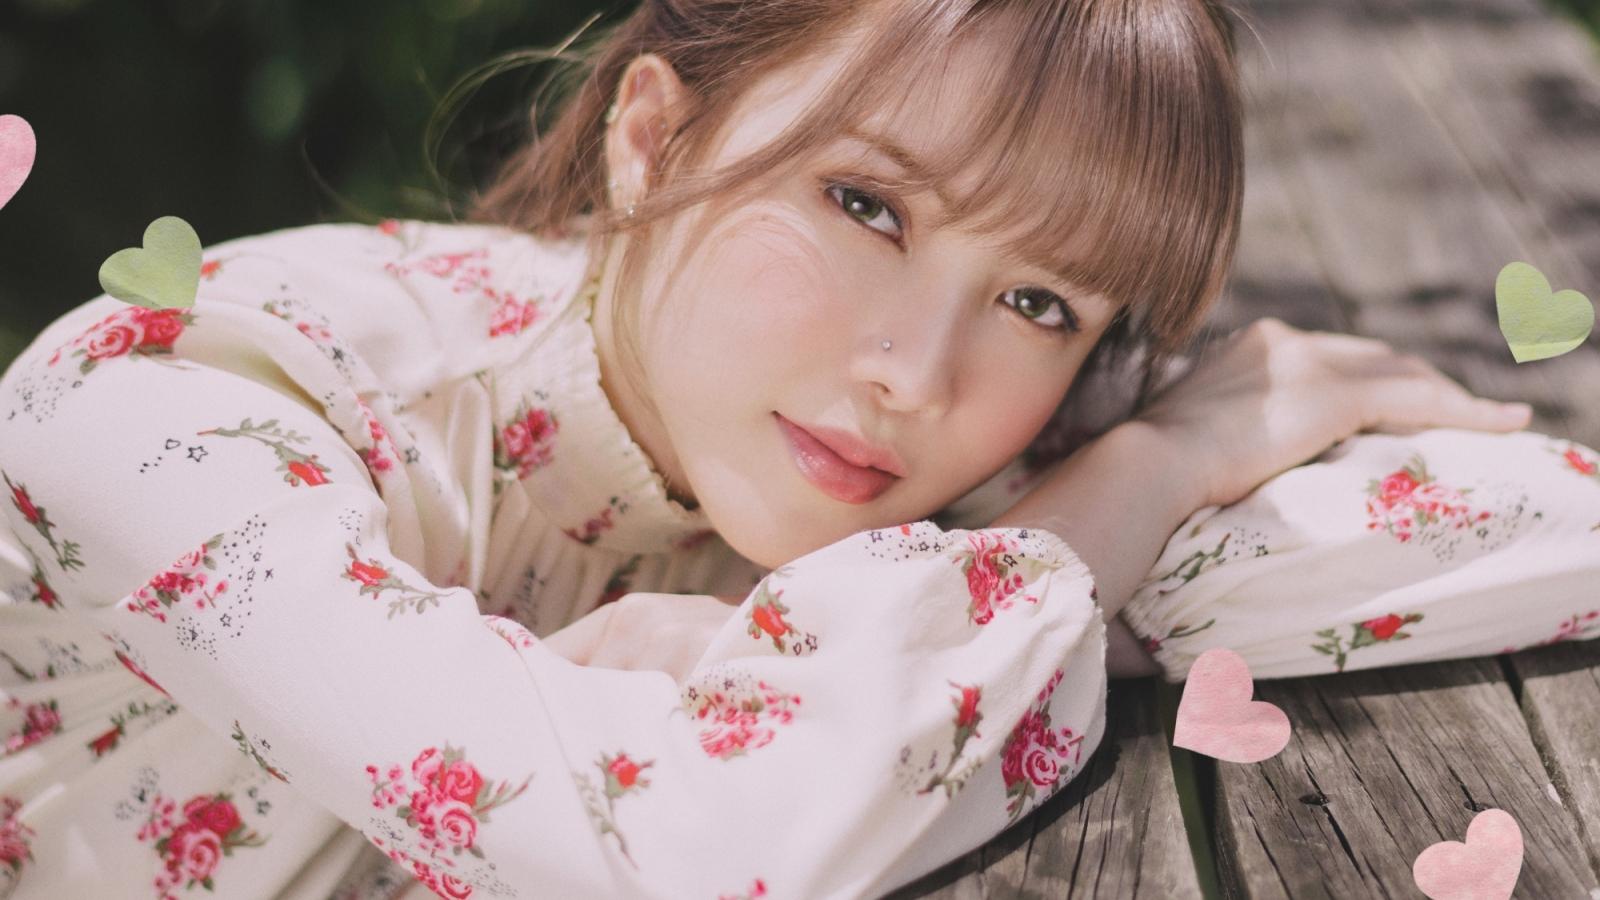 Thiều Bảo Trâm tung teaser đầu tiên của MV Love Rosie với hình ảnh thiếu nữ mộng mơ